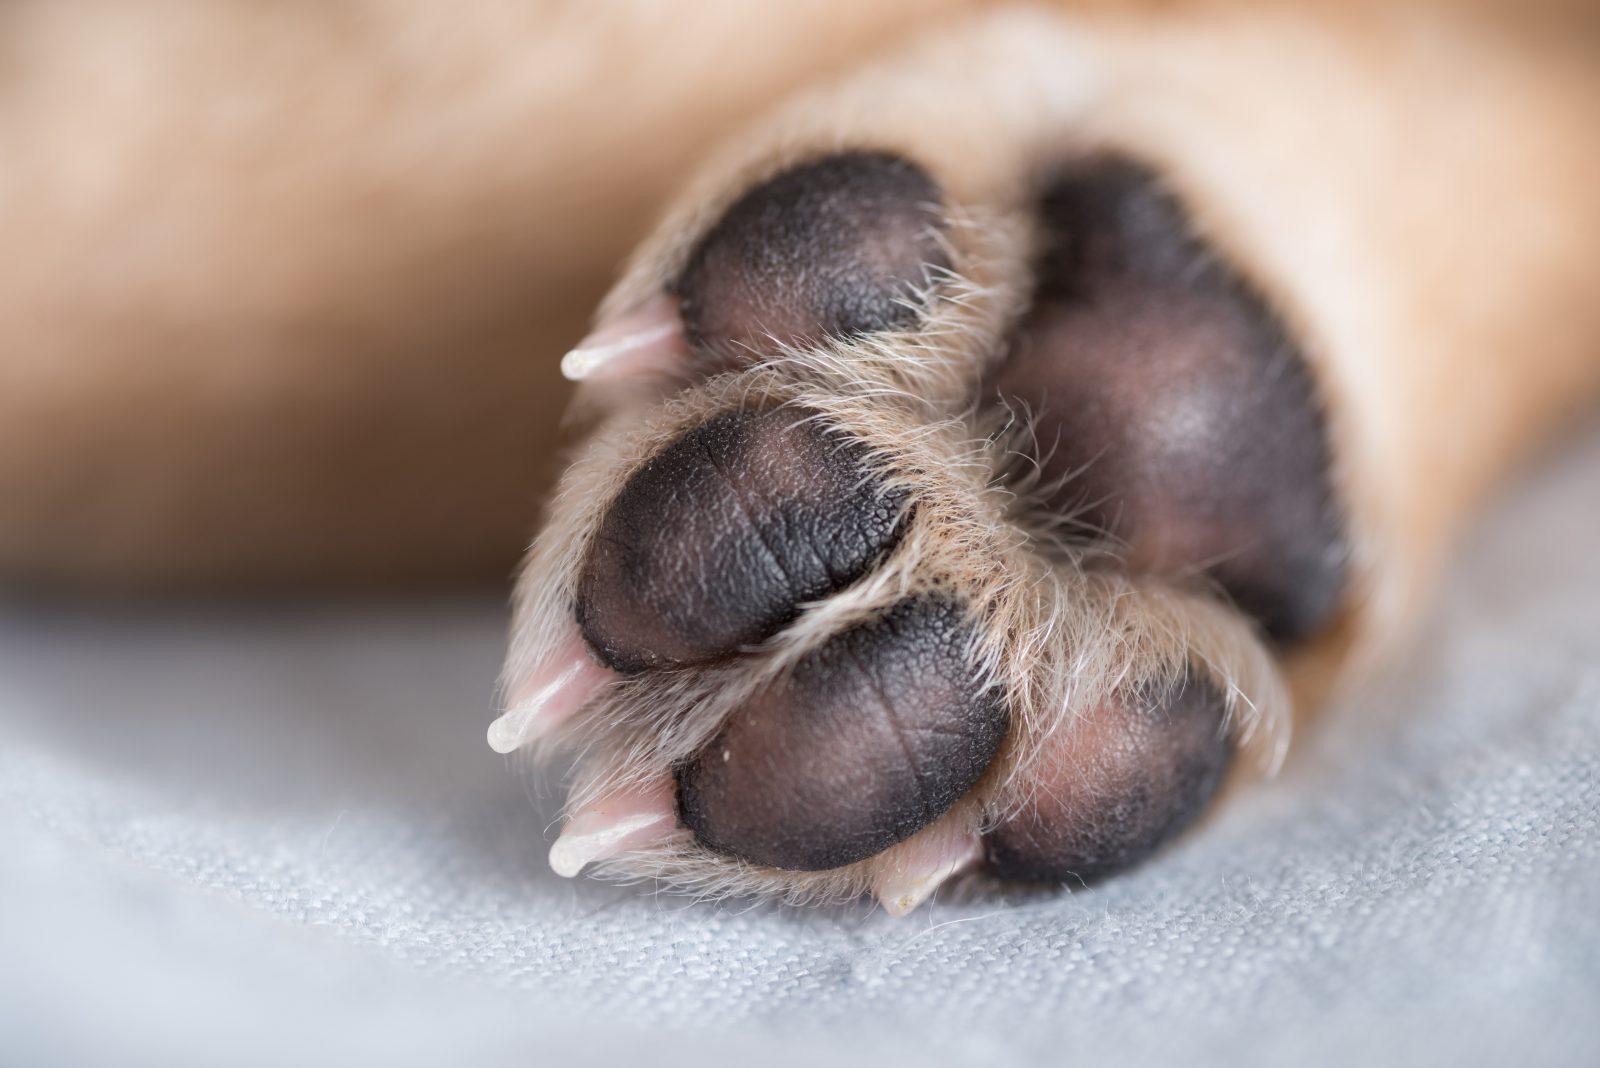 como cortar unha de cachorro: pata mostrando as unhas e almofadas